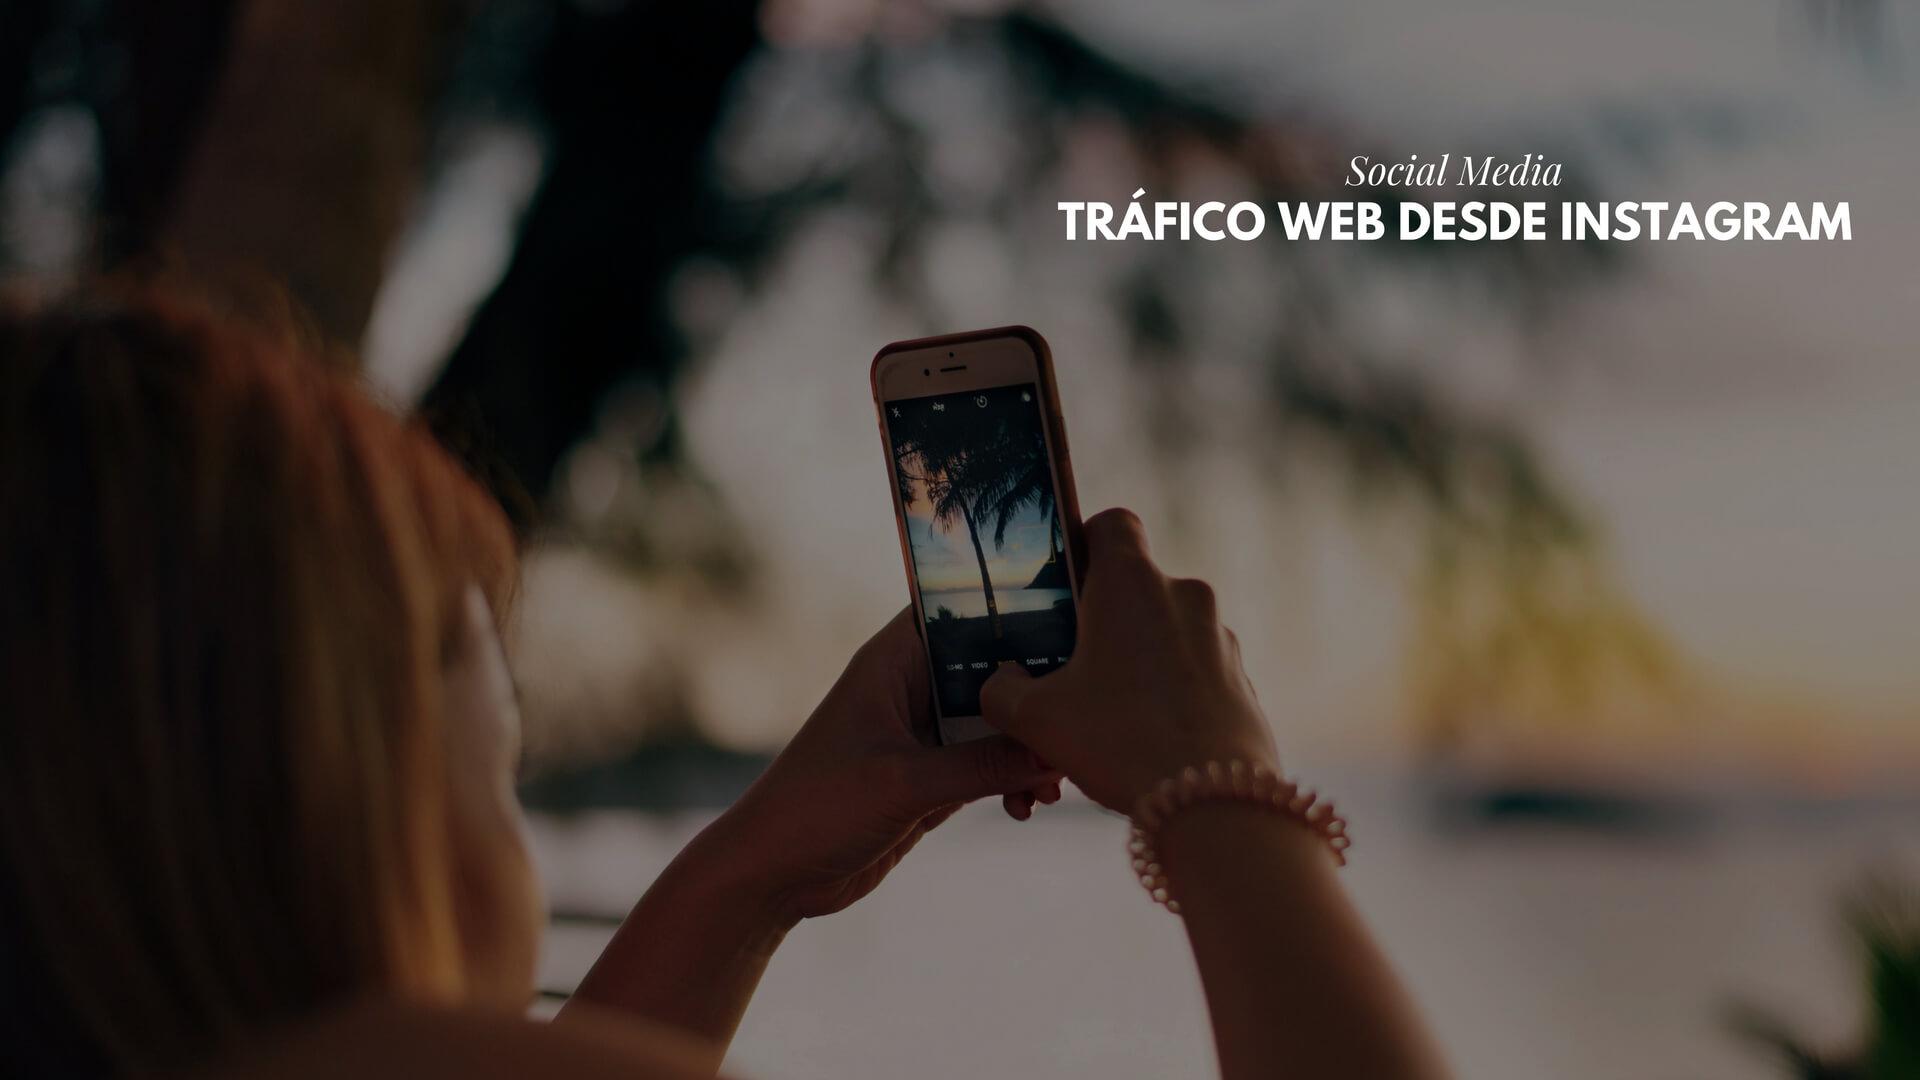 Cómo generar tráfico web desde Instagram para tu marca